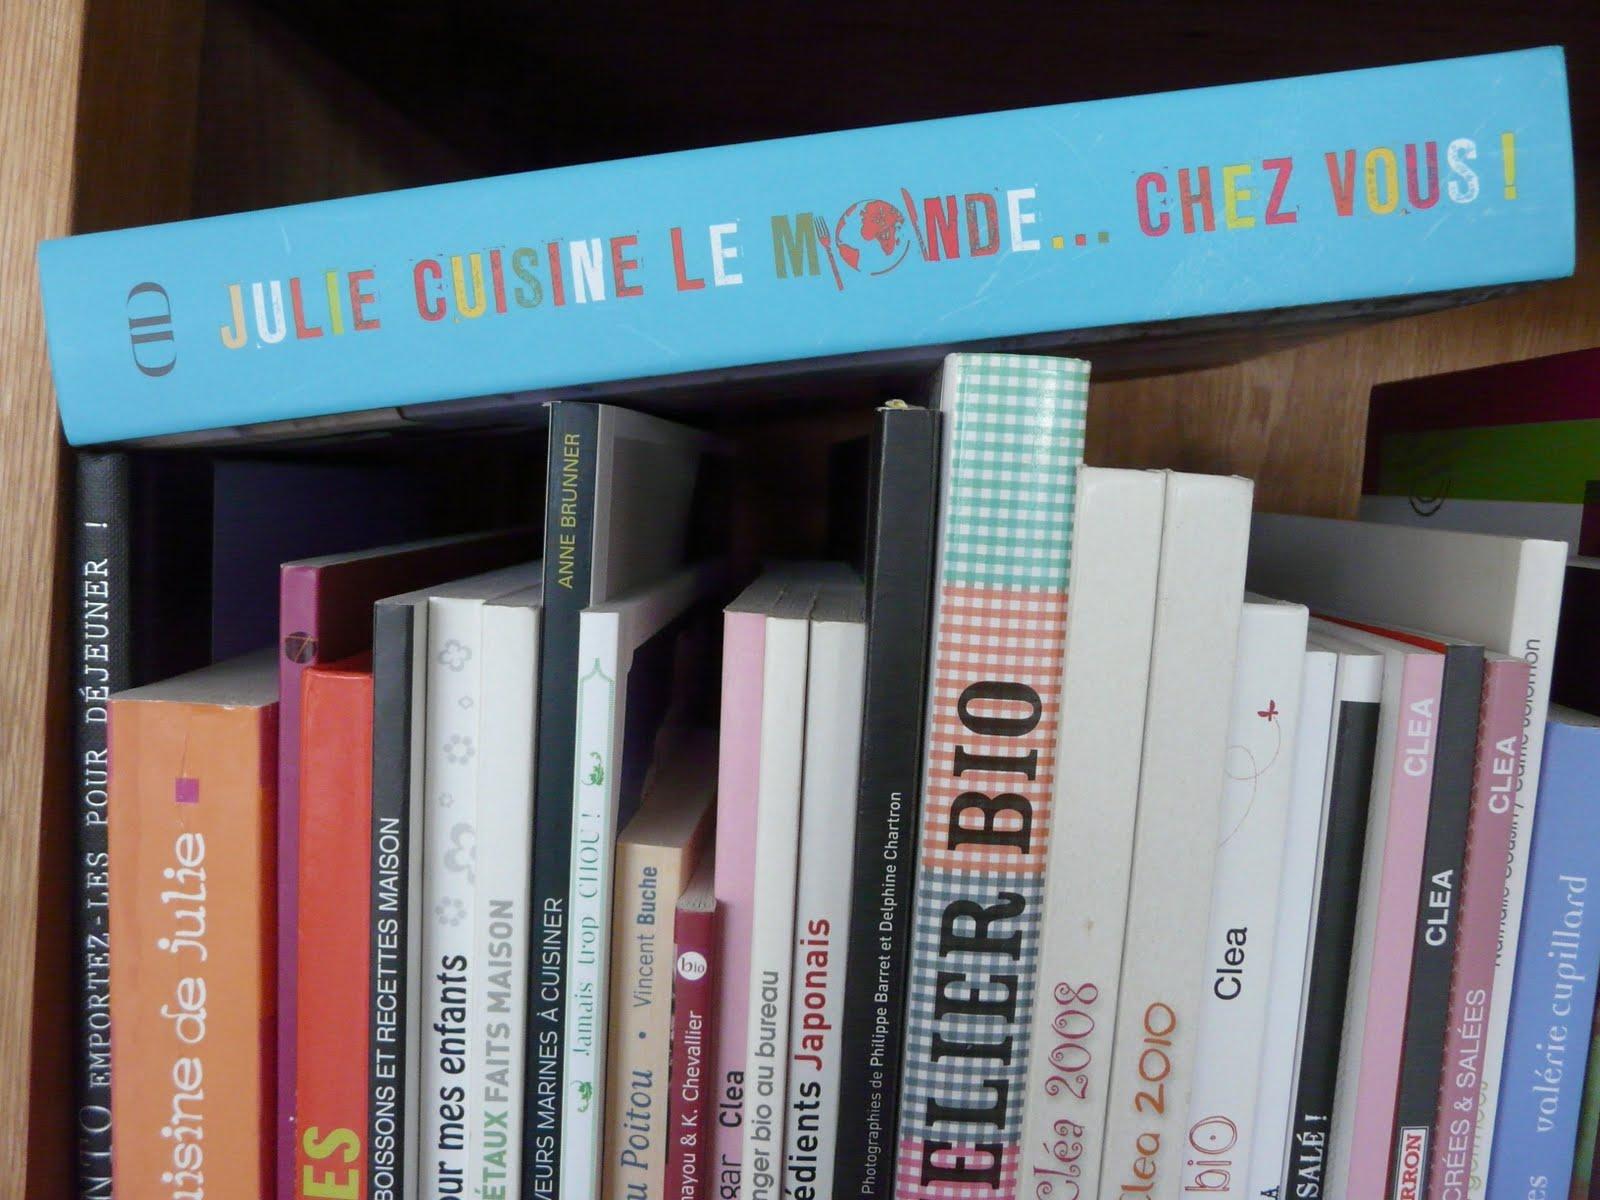 Linouarlu janvier 2011 - Julie cuisine le monde ...